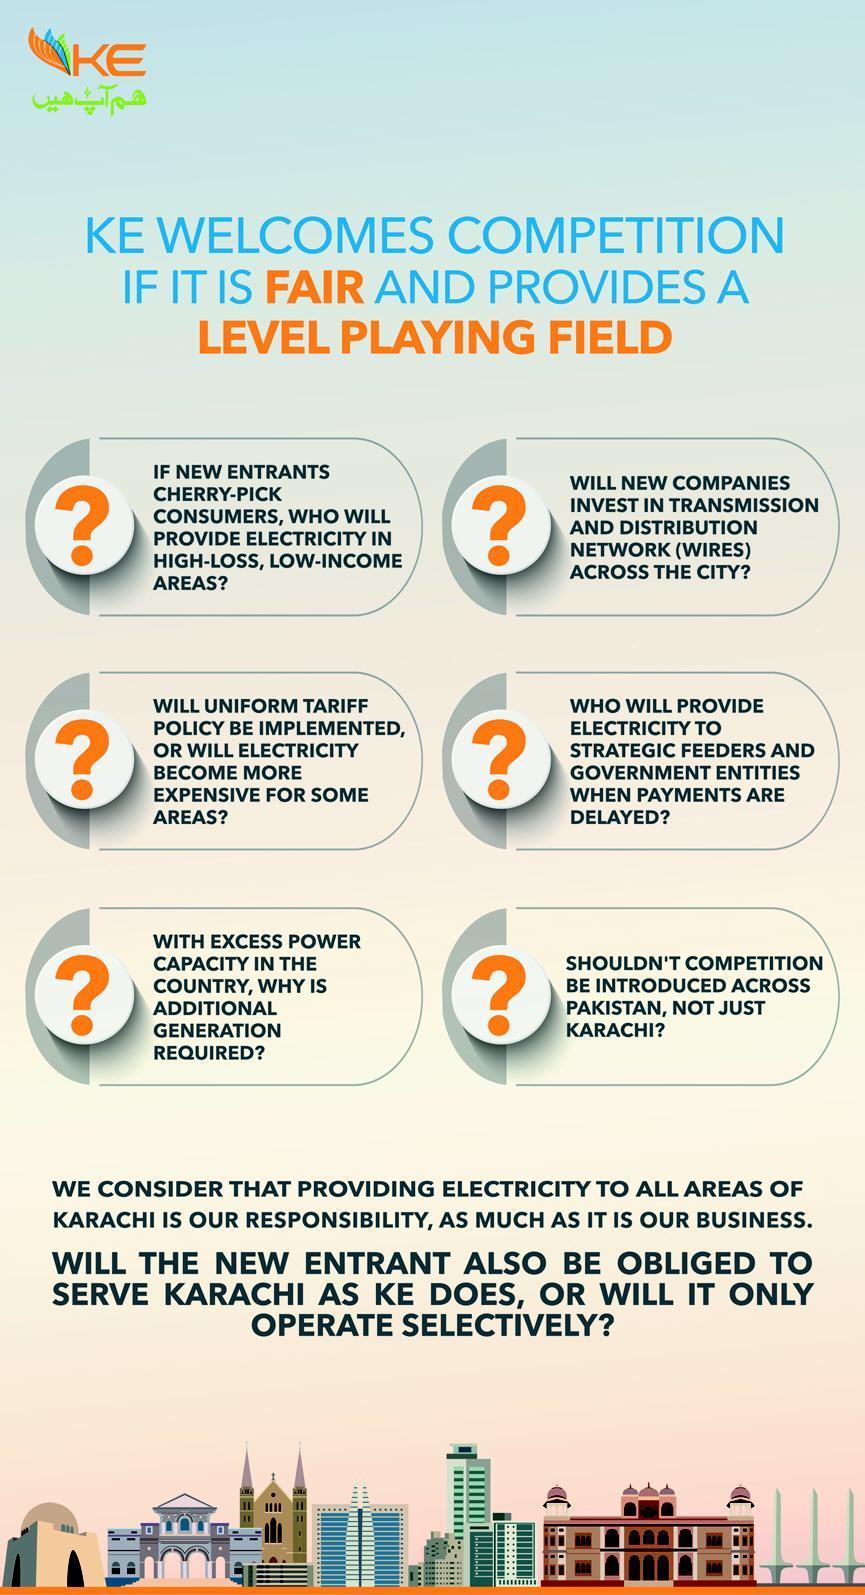 K Electric Duplicate Bill Check Online download & print PDF Copy